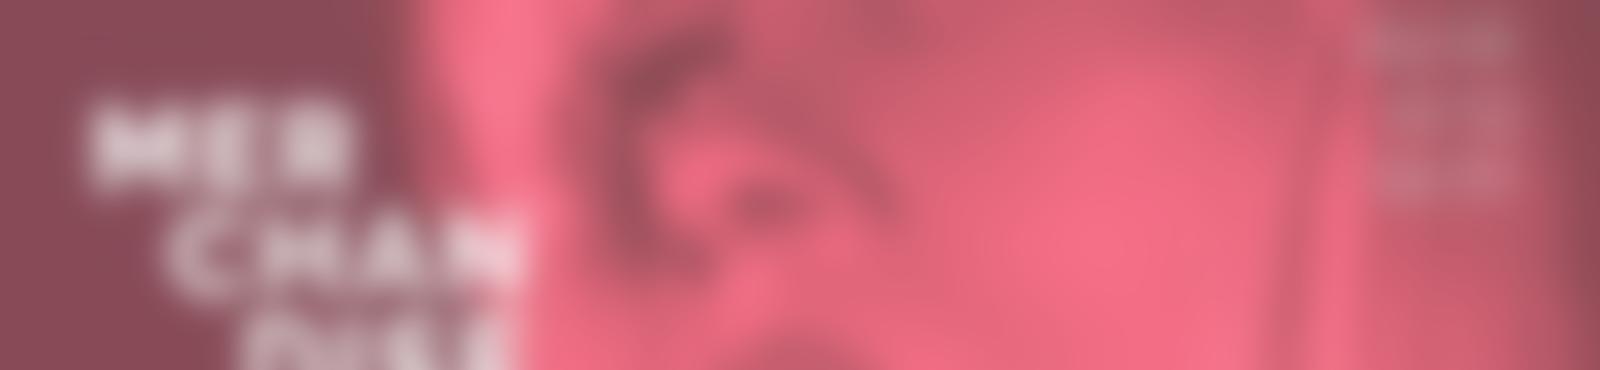 Blurred 3ead8bb5 aae7 496f 97a8 c764adb86bef